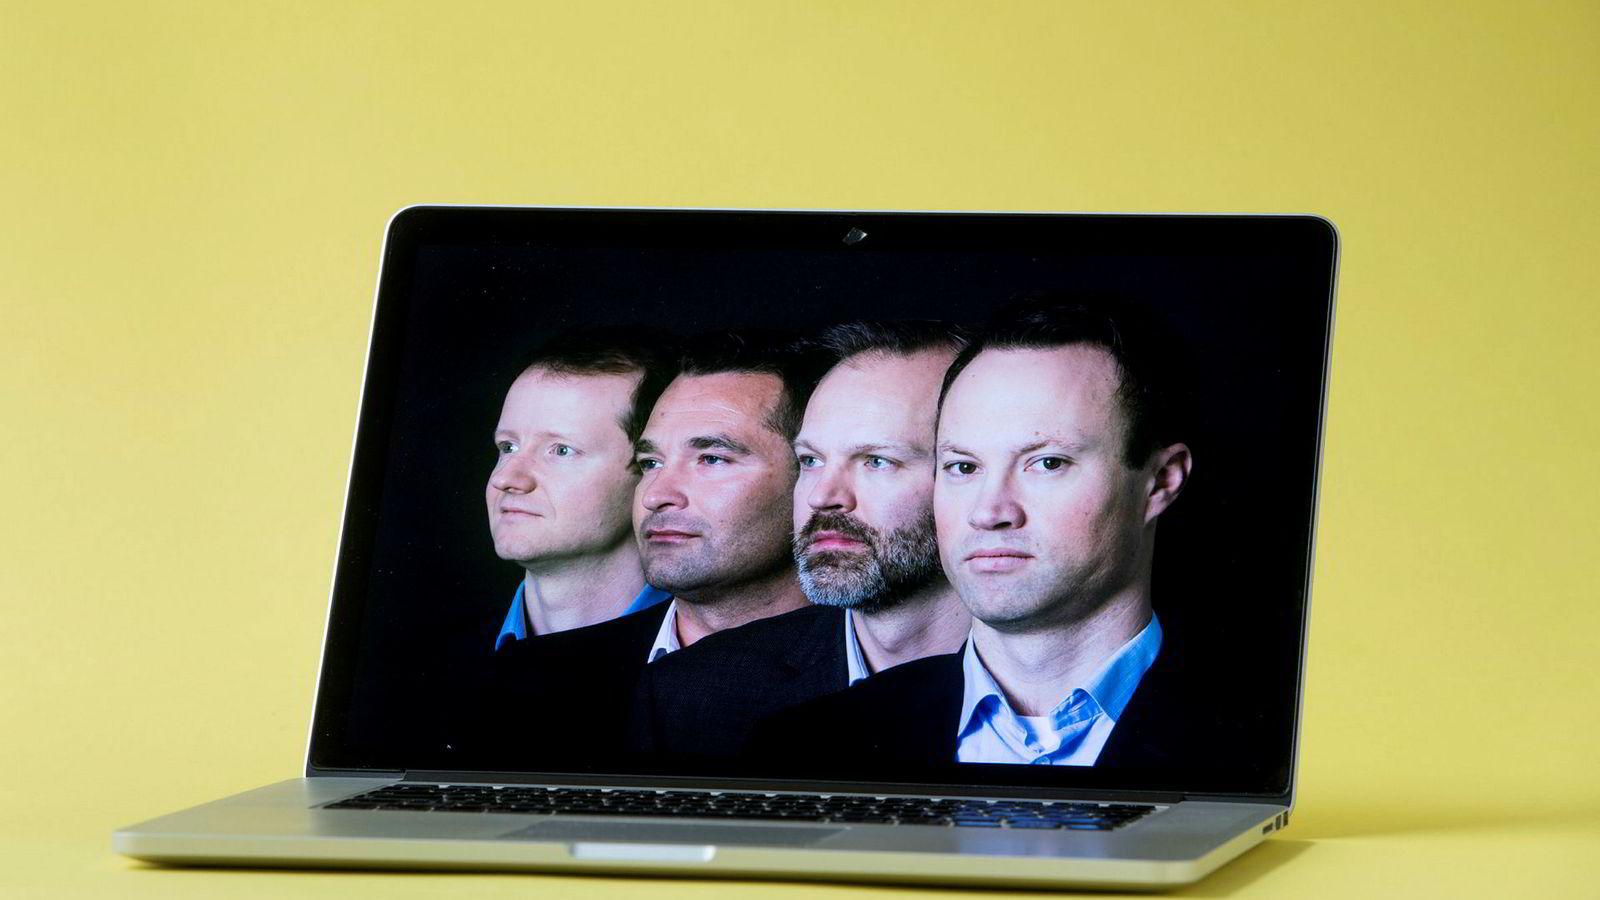 De fire forvalterne overlater til computeren å velge aksjer. Fra venstre: Henrik Wold Nilsen, Andreas Poole, Lars Qvigstad Sørensen og Bård Bringedal. Fotografiet er inspirert av Kraftwerks albumcover på «Computer world» fra 1981.